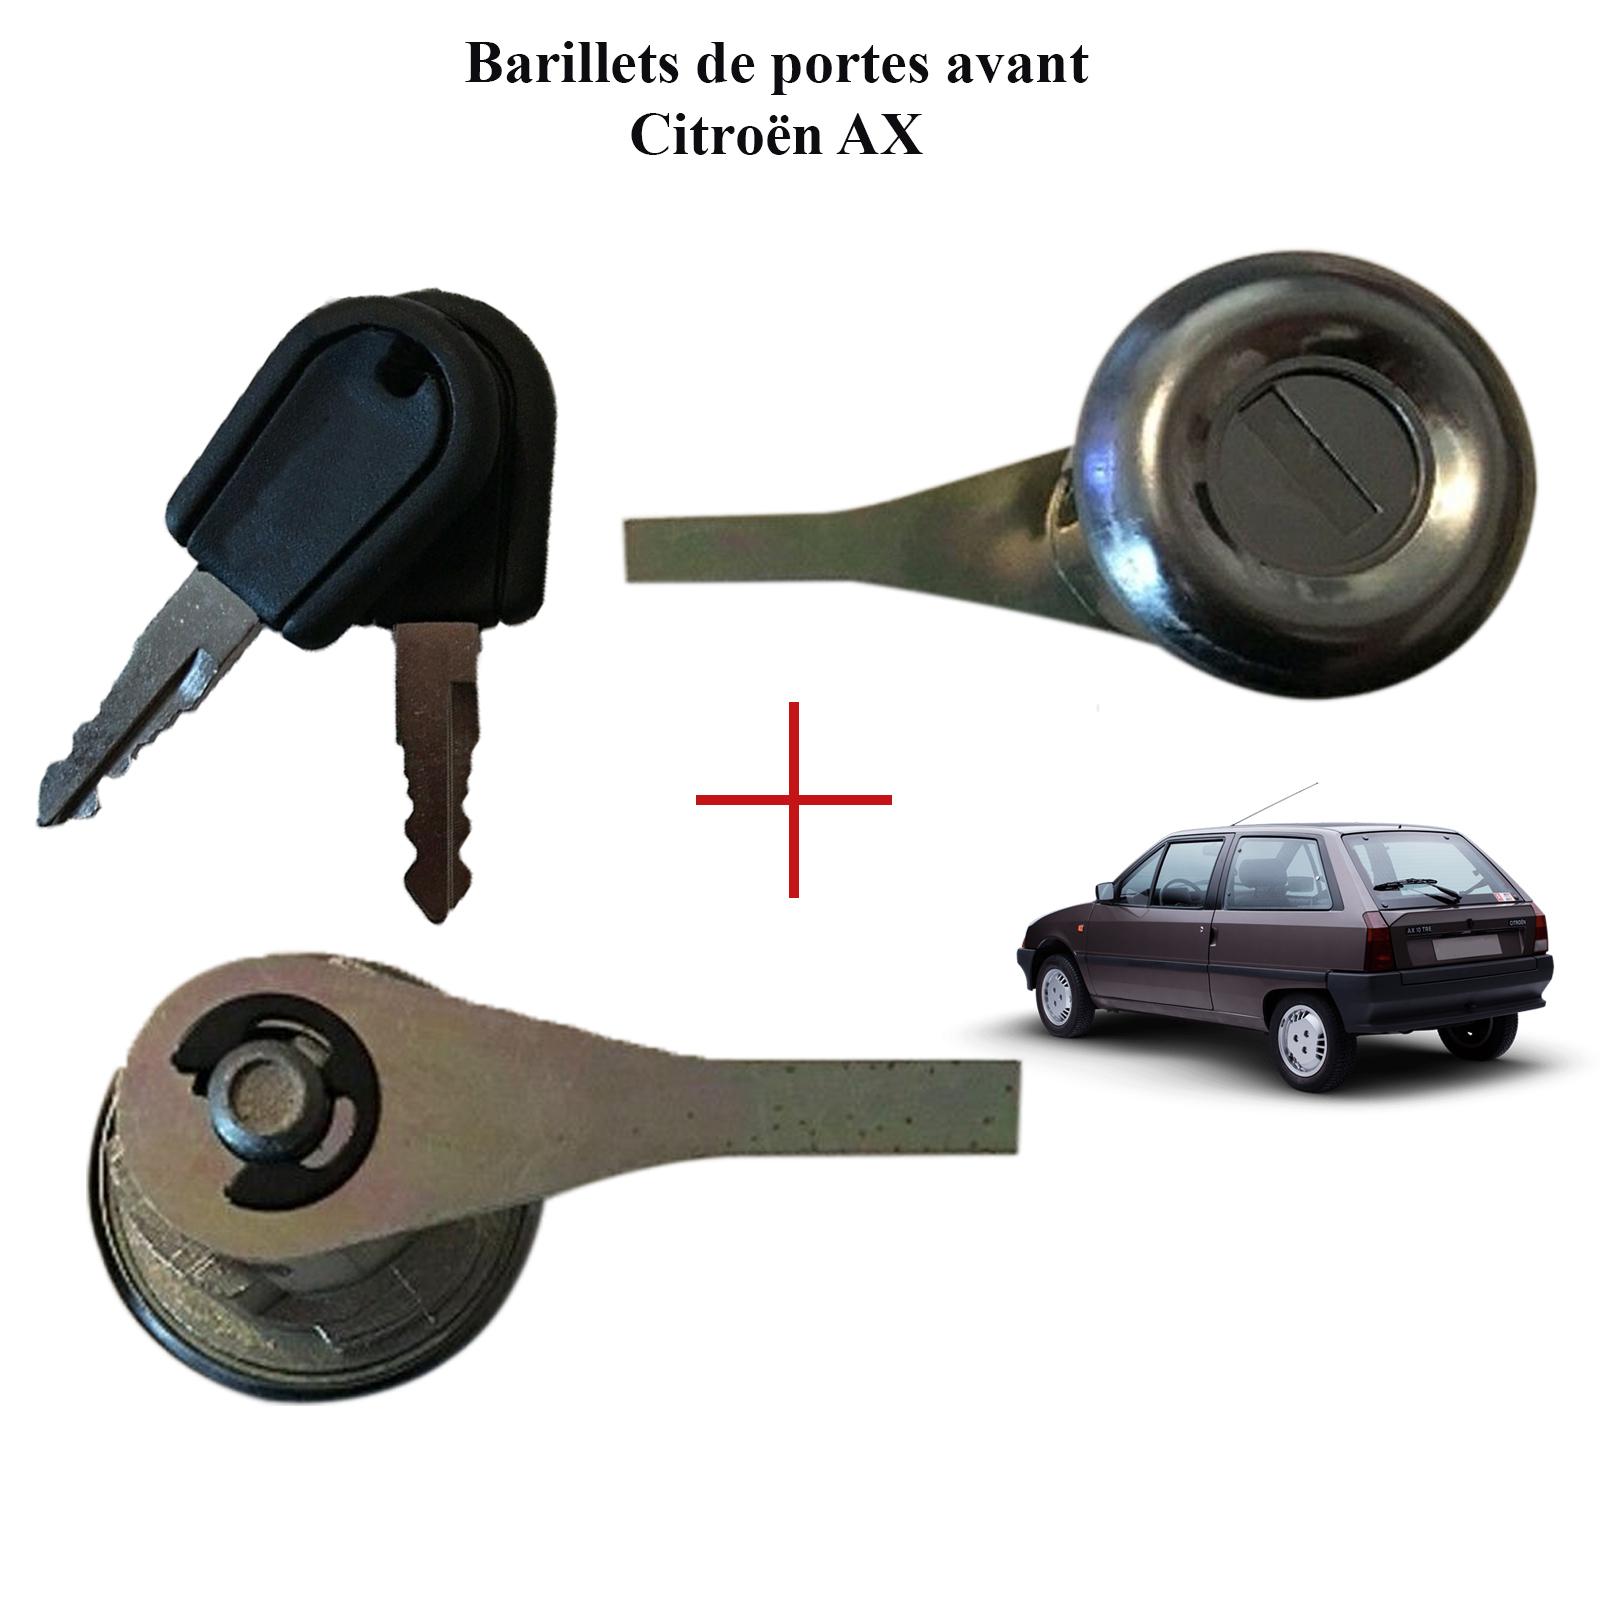 2 Barillet de porte Citroen Ax